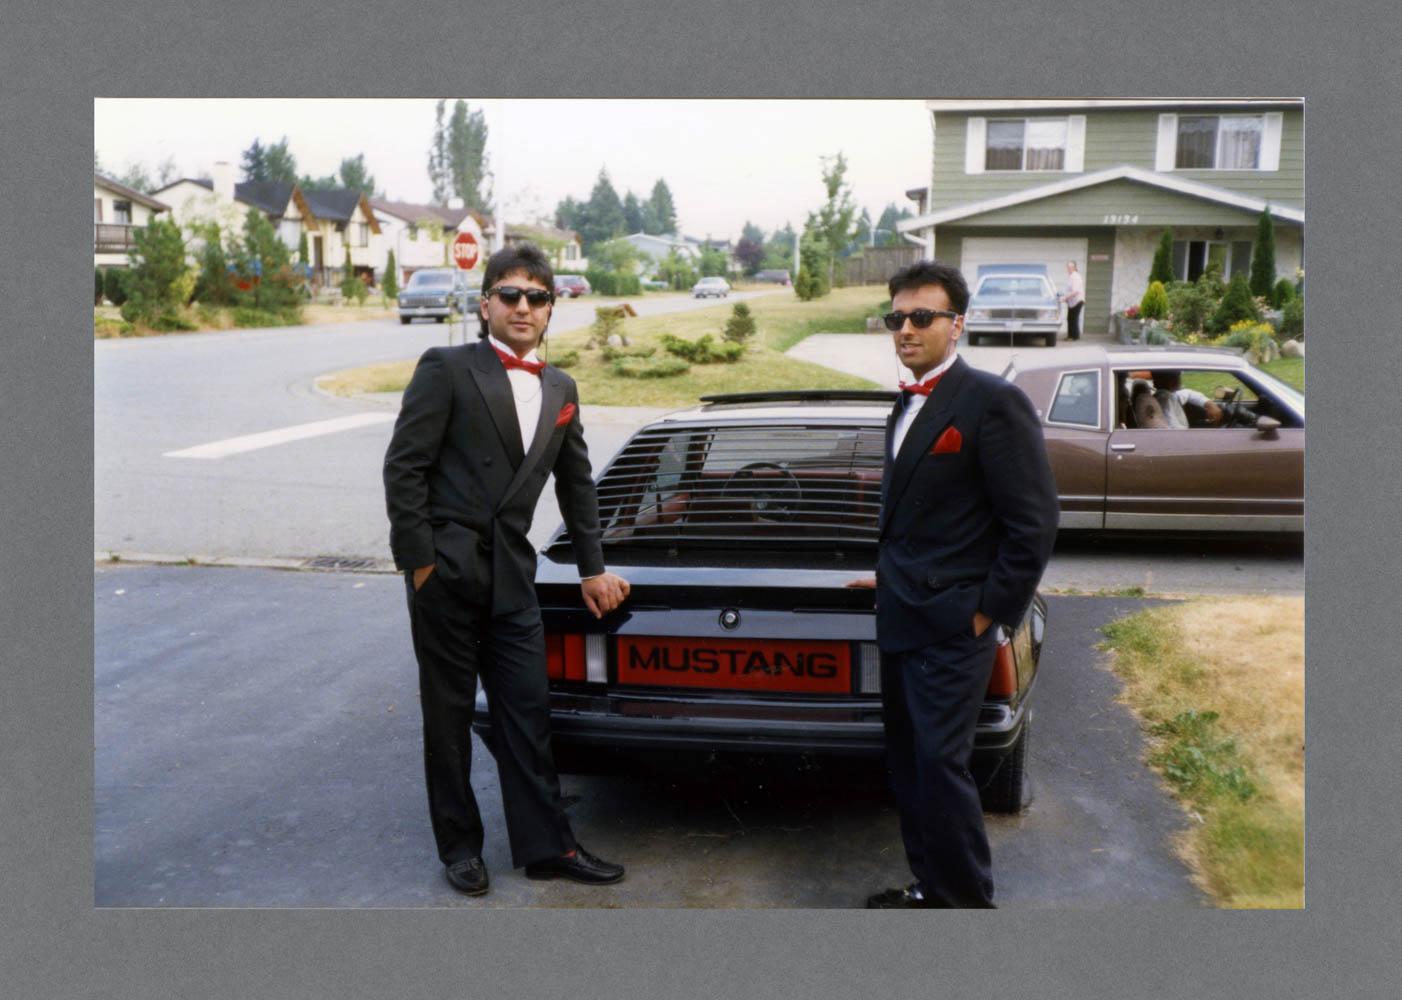 Vancouver, Canada c.1988